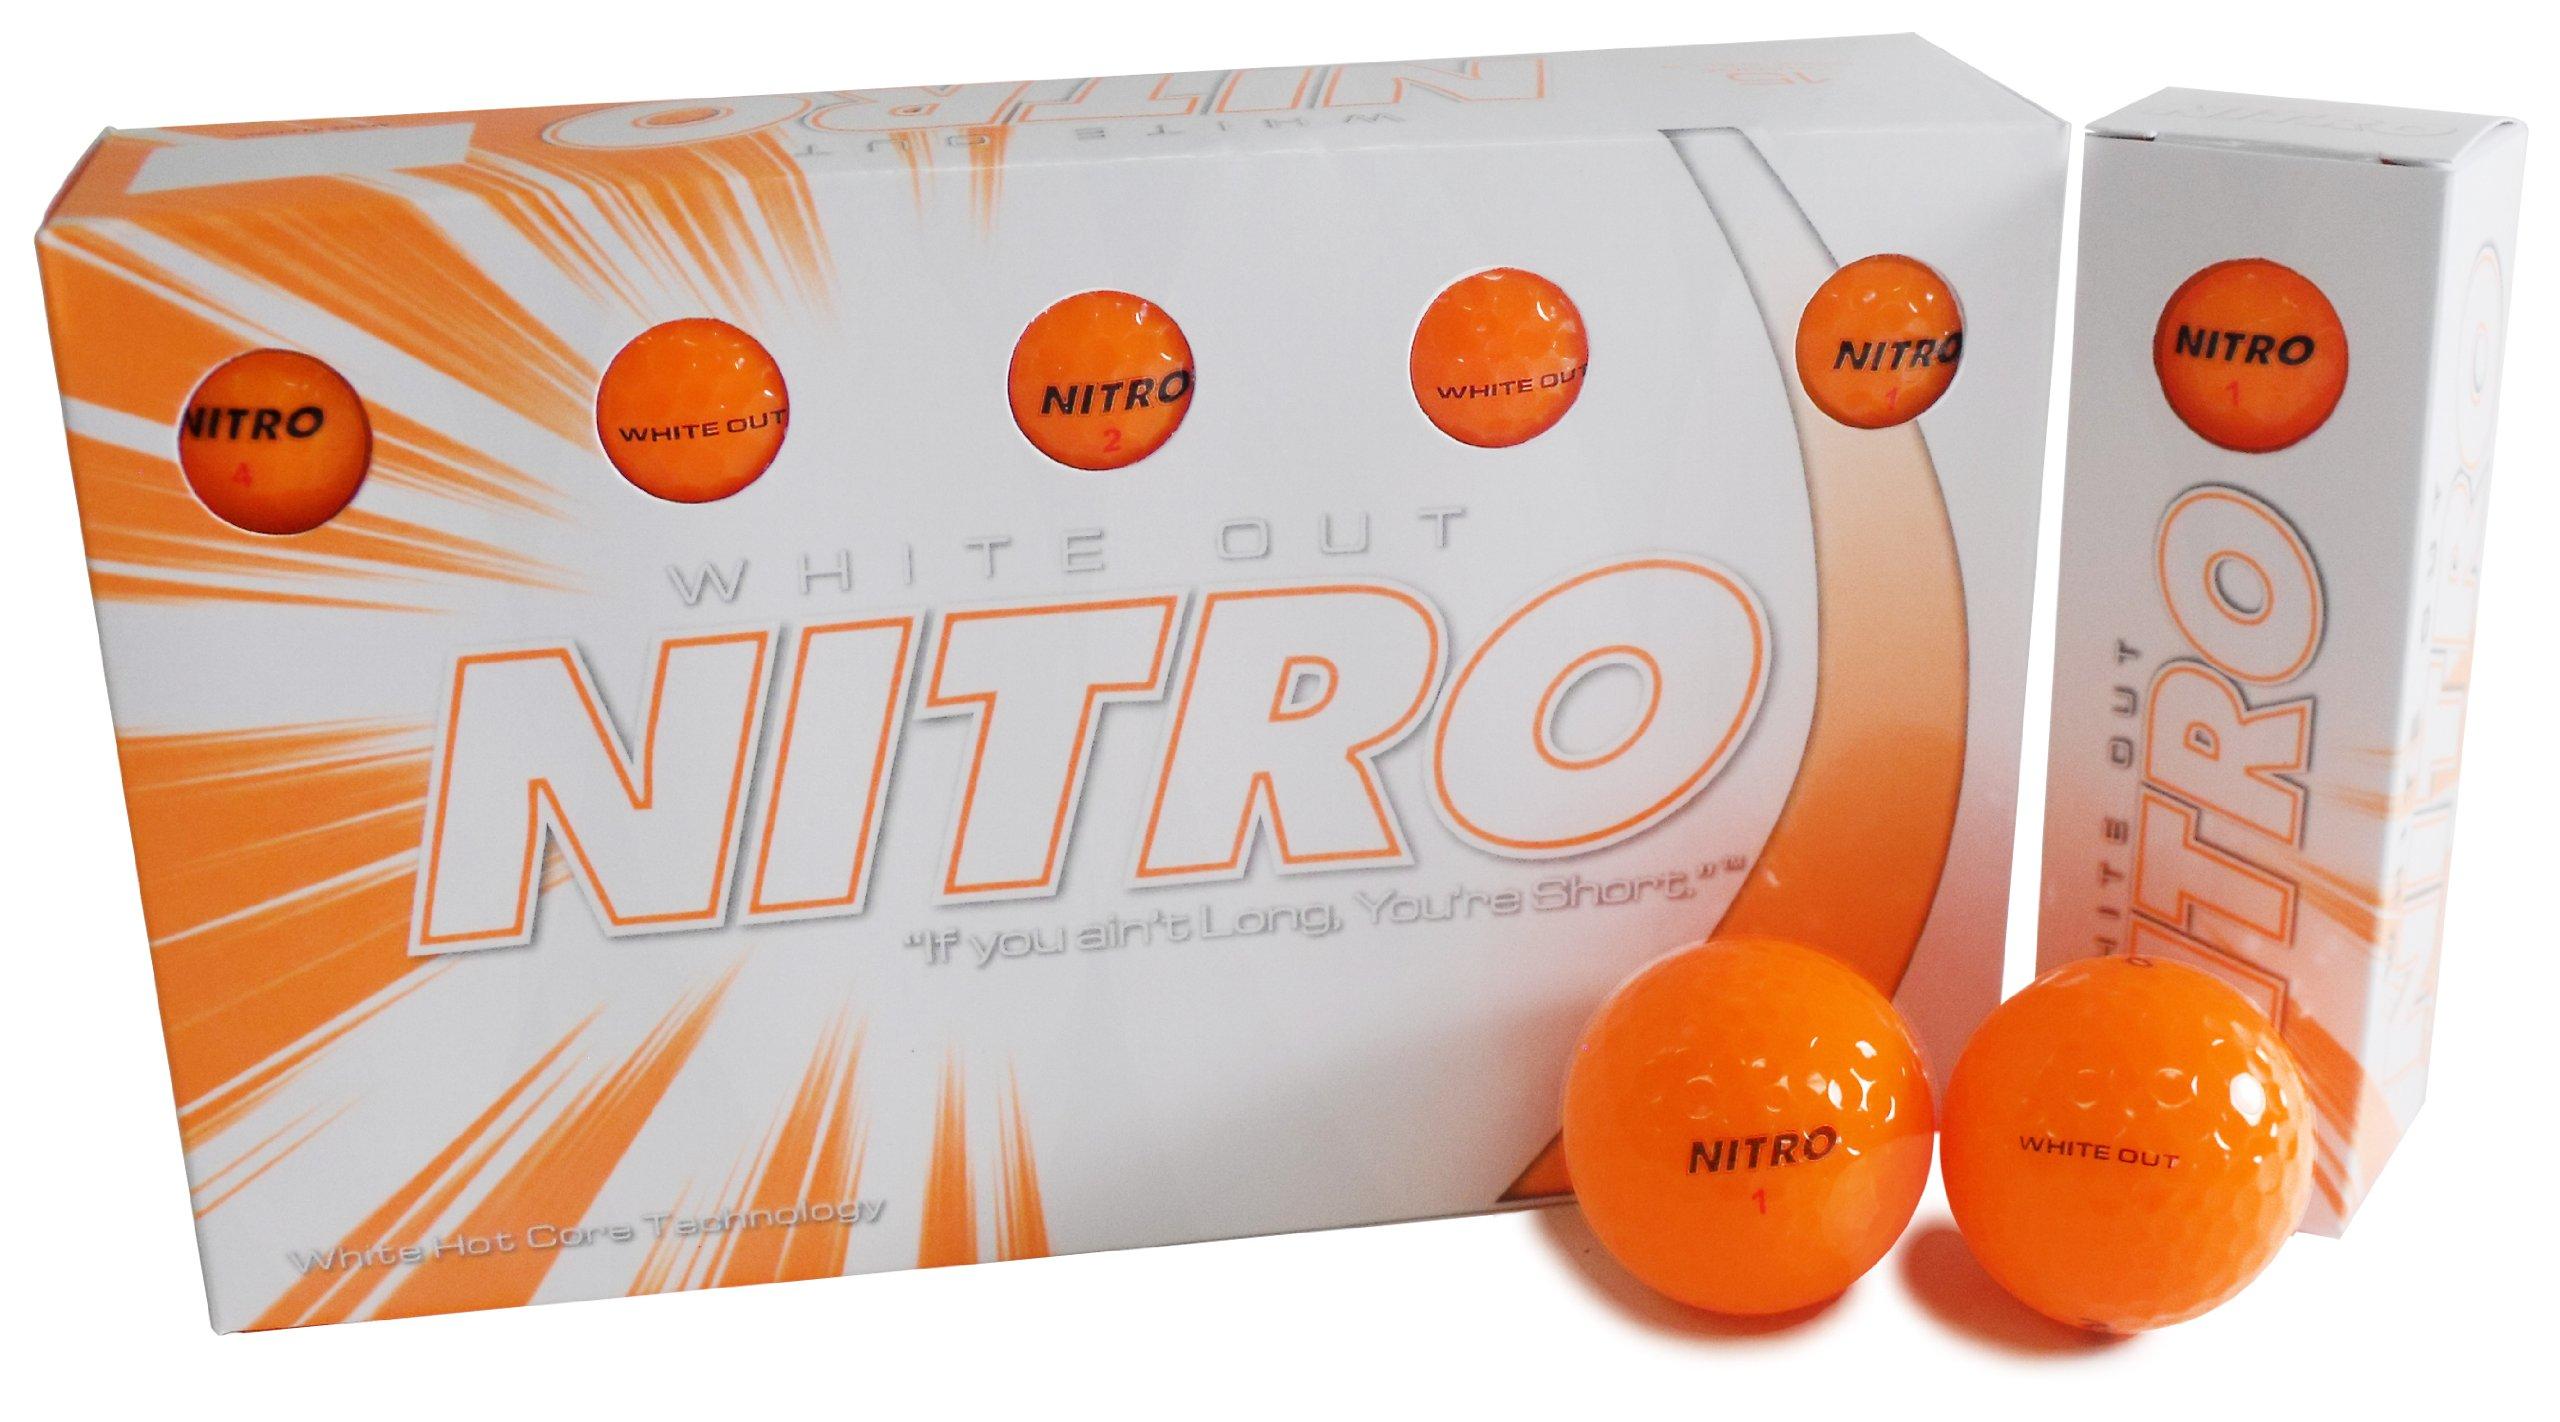 Nitro White Out Ball (15-Pack), Orange by Nitro